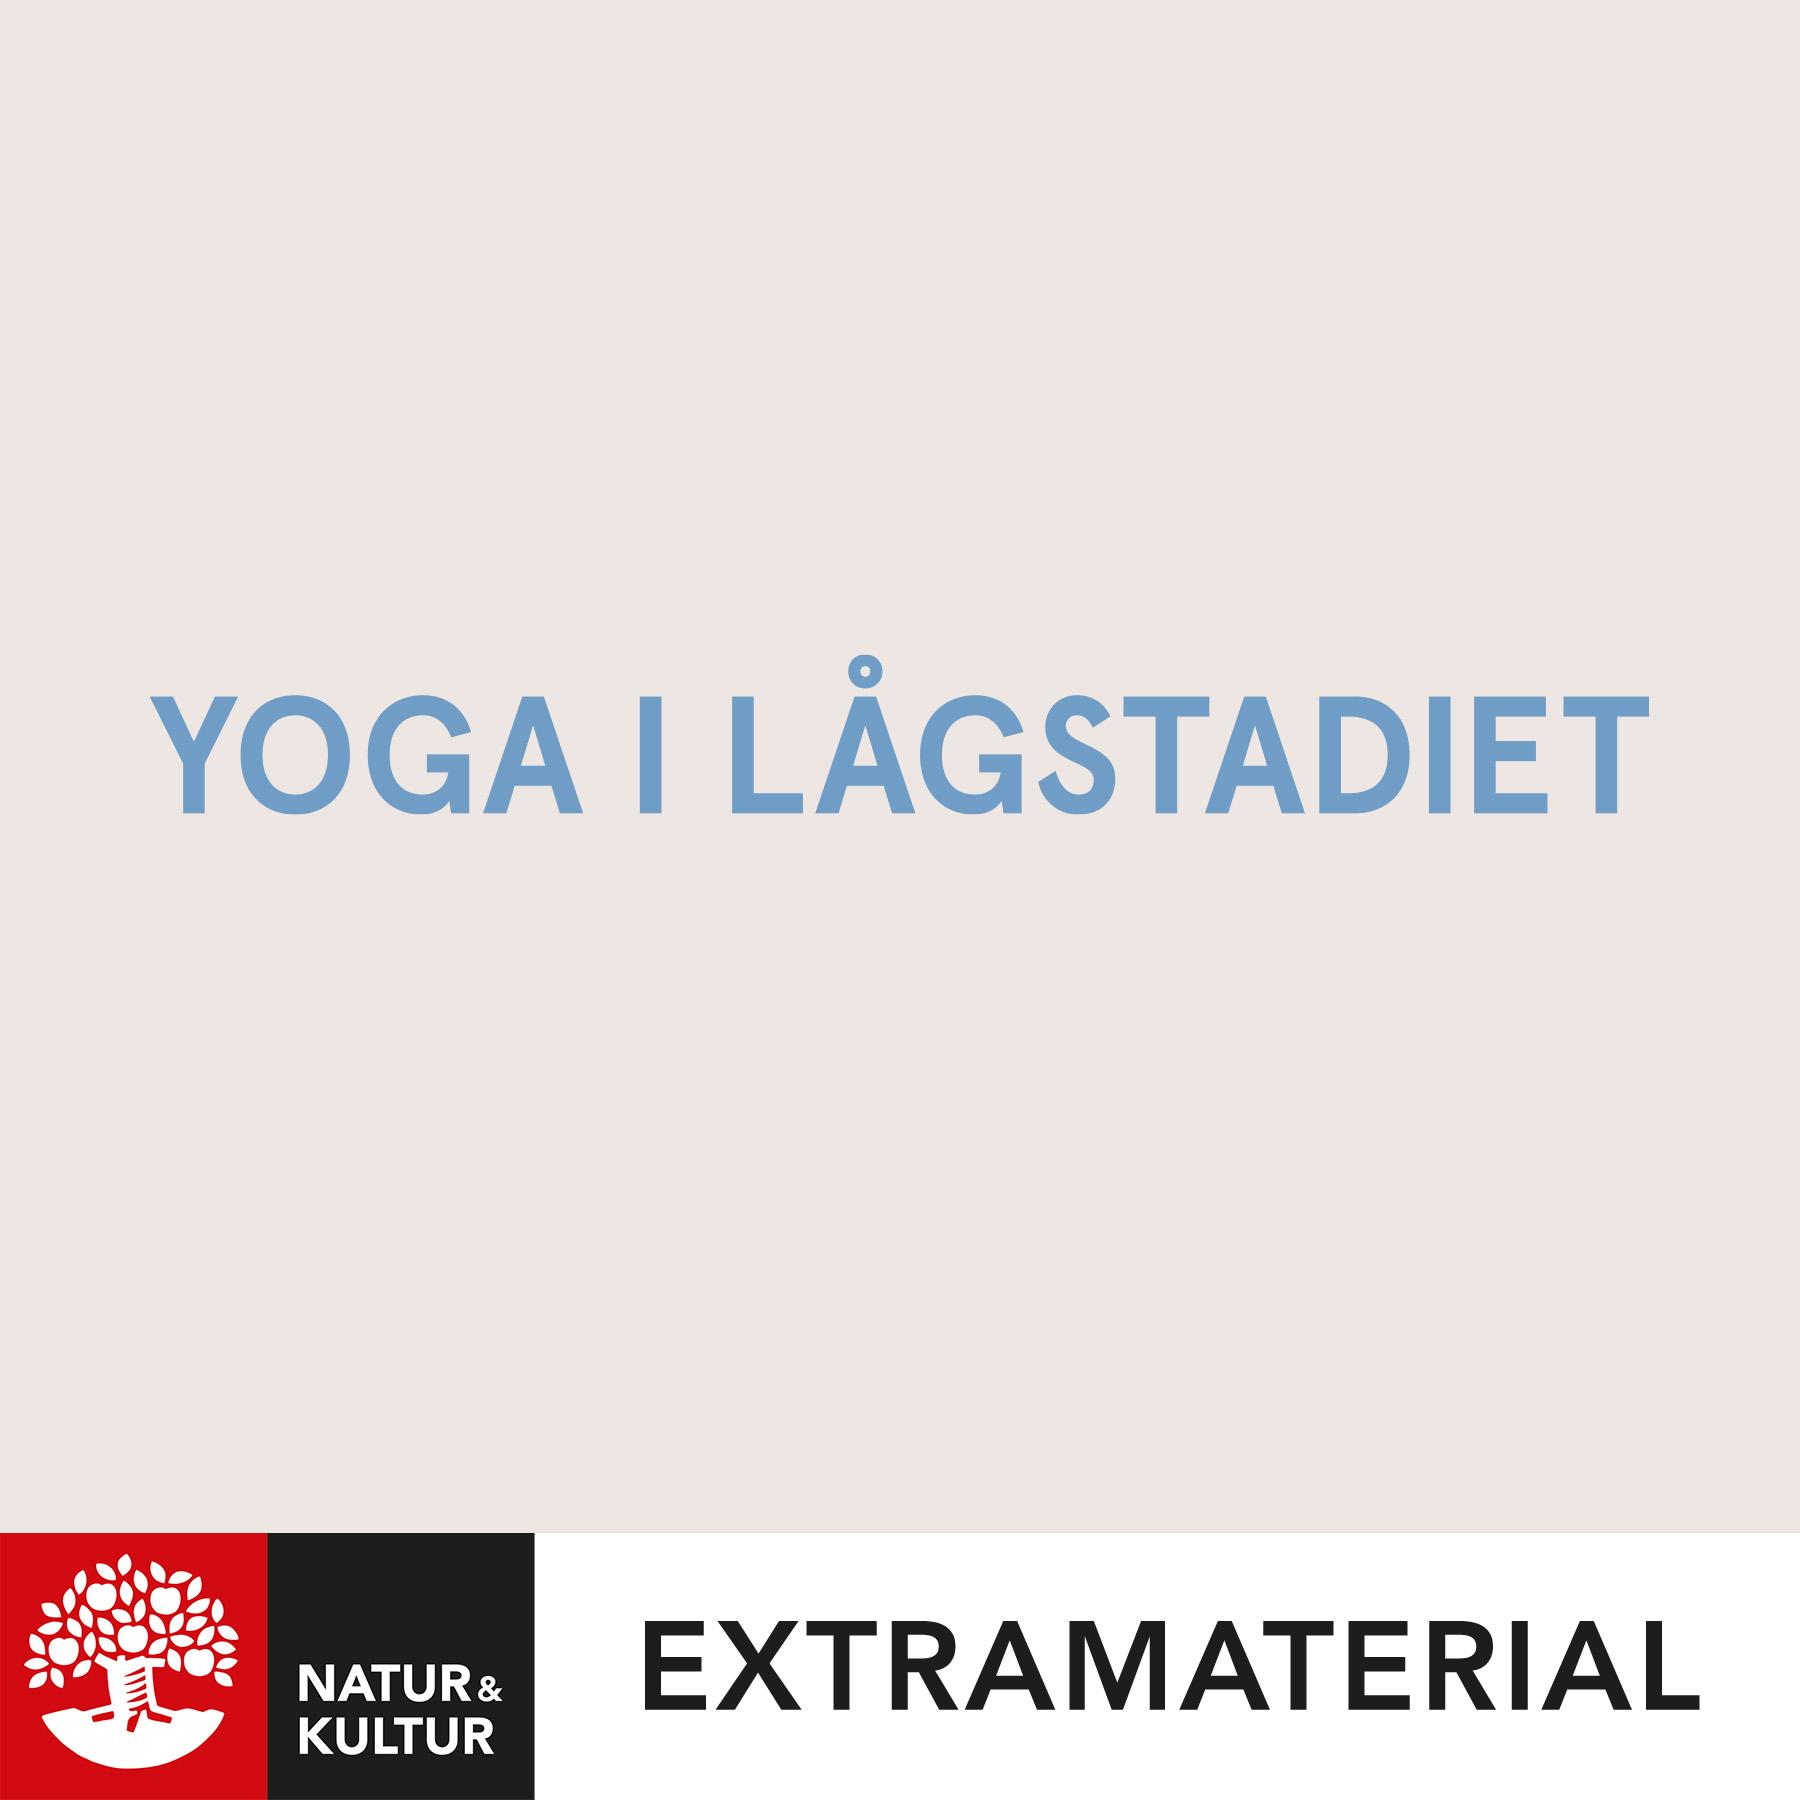 Yoga i lågstadiet